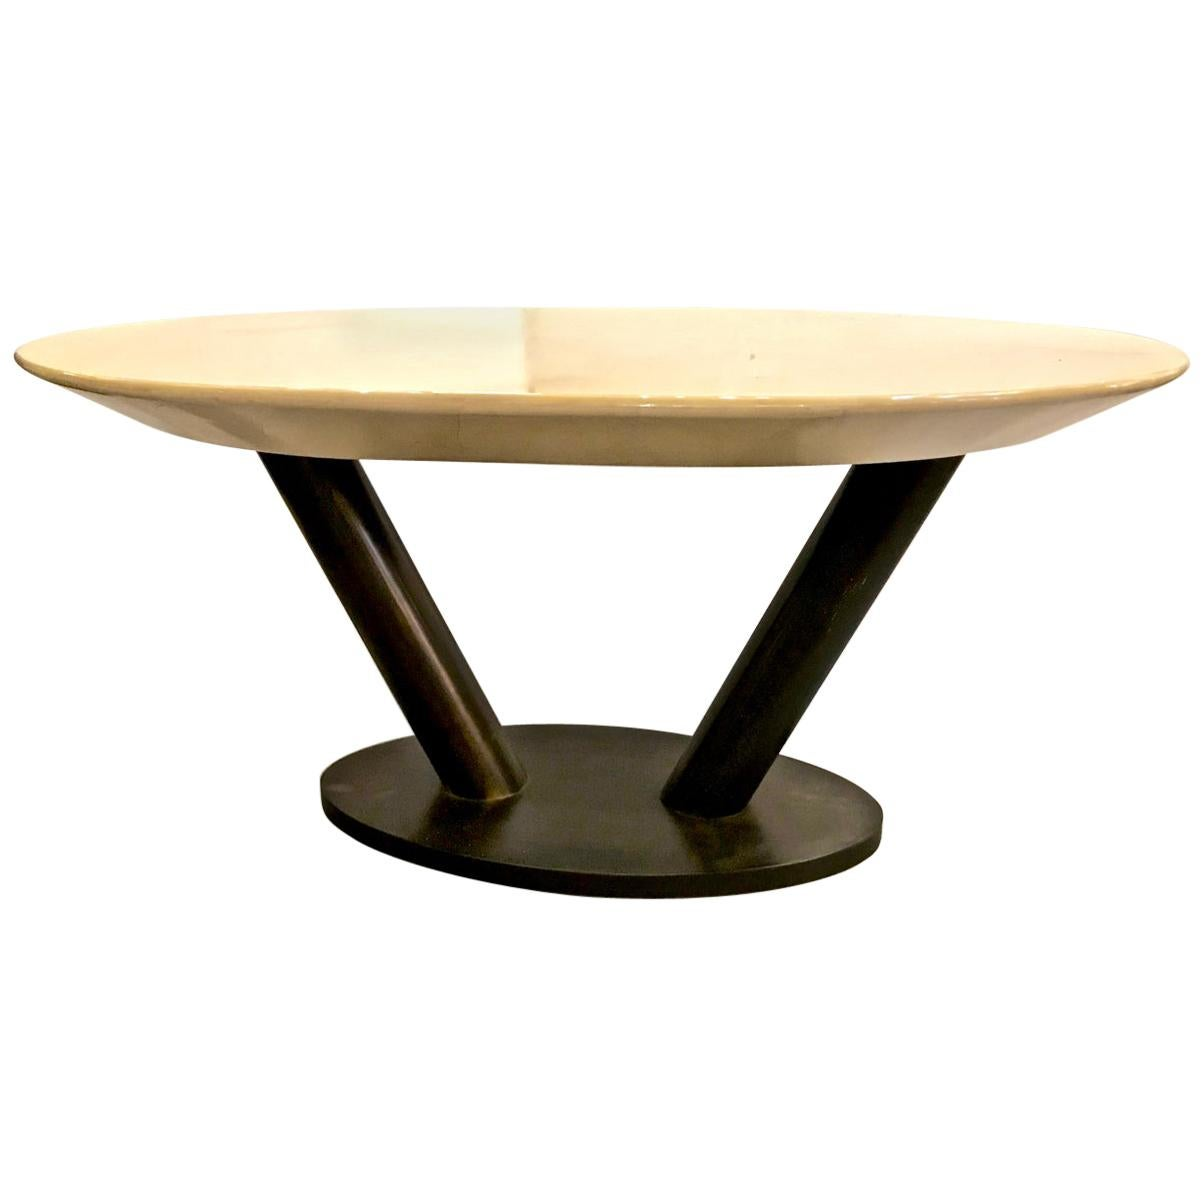 Karl Springer Lacquered Goatskin Table